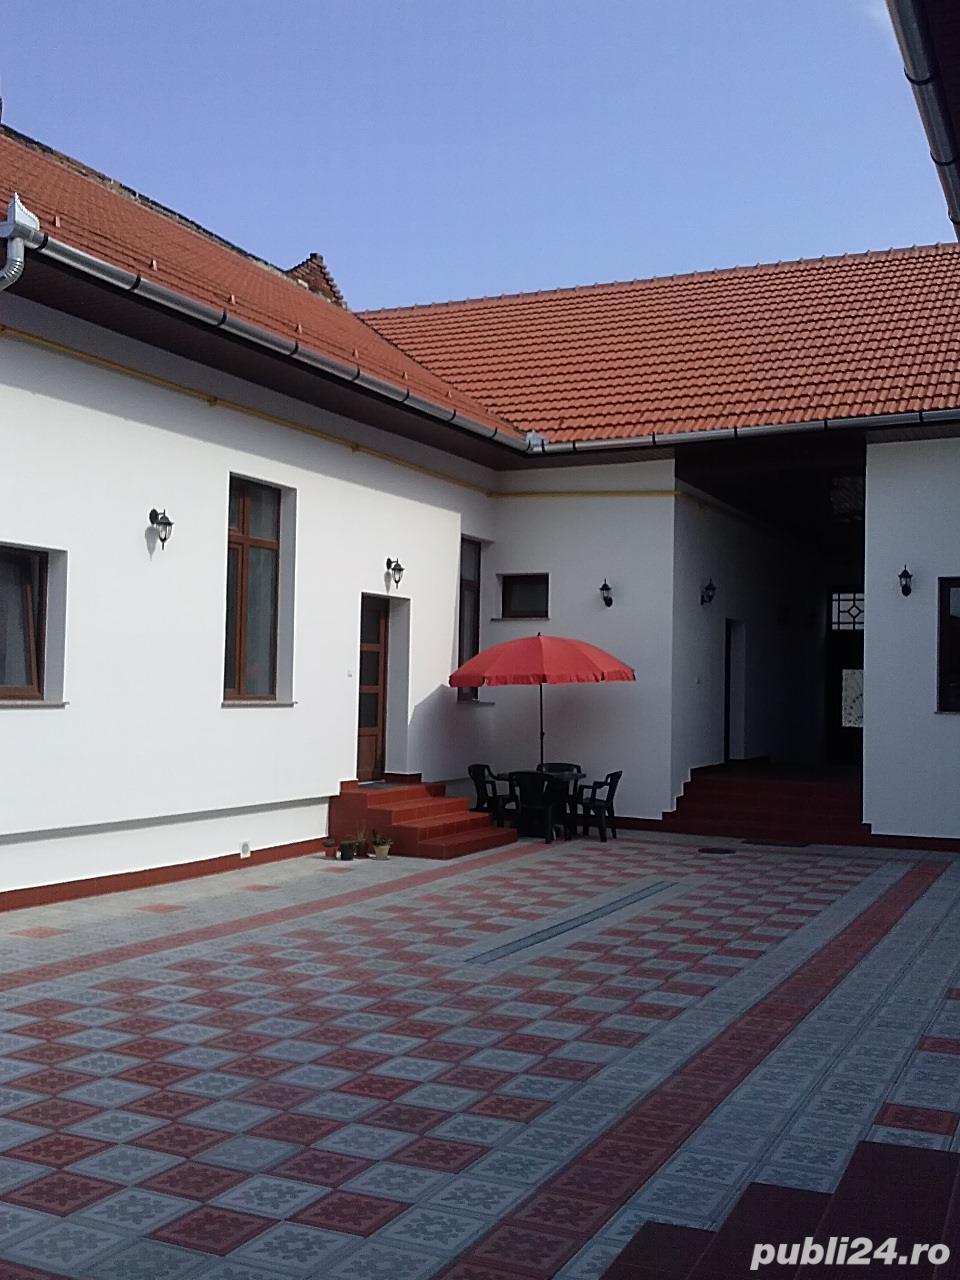 Cazare in vecinatatea Politiei de Frontiera Oradea